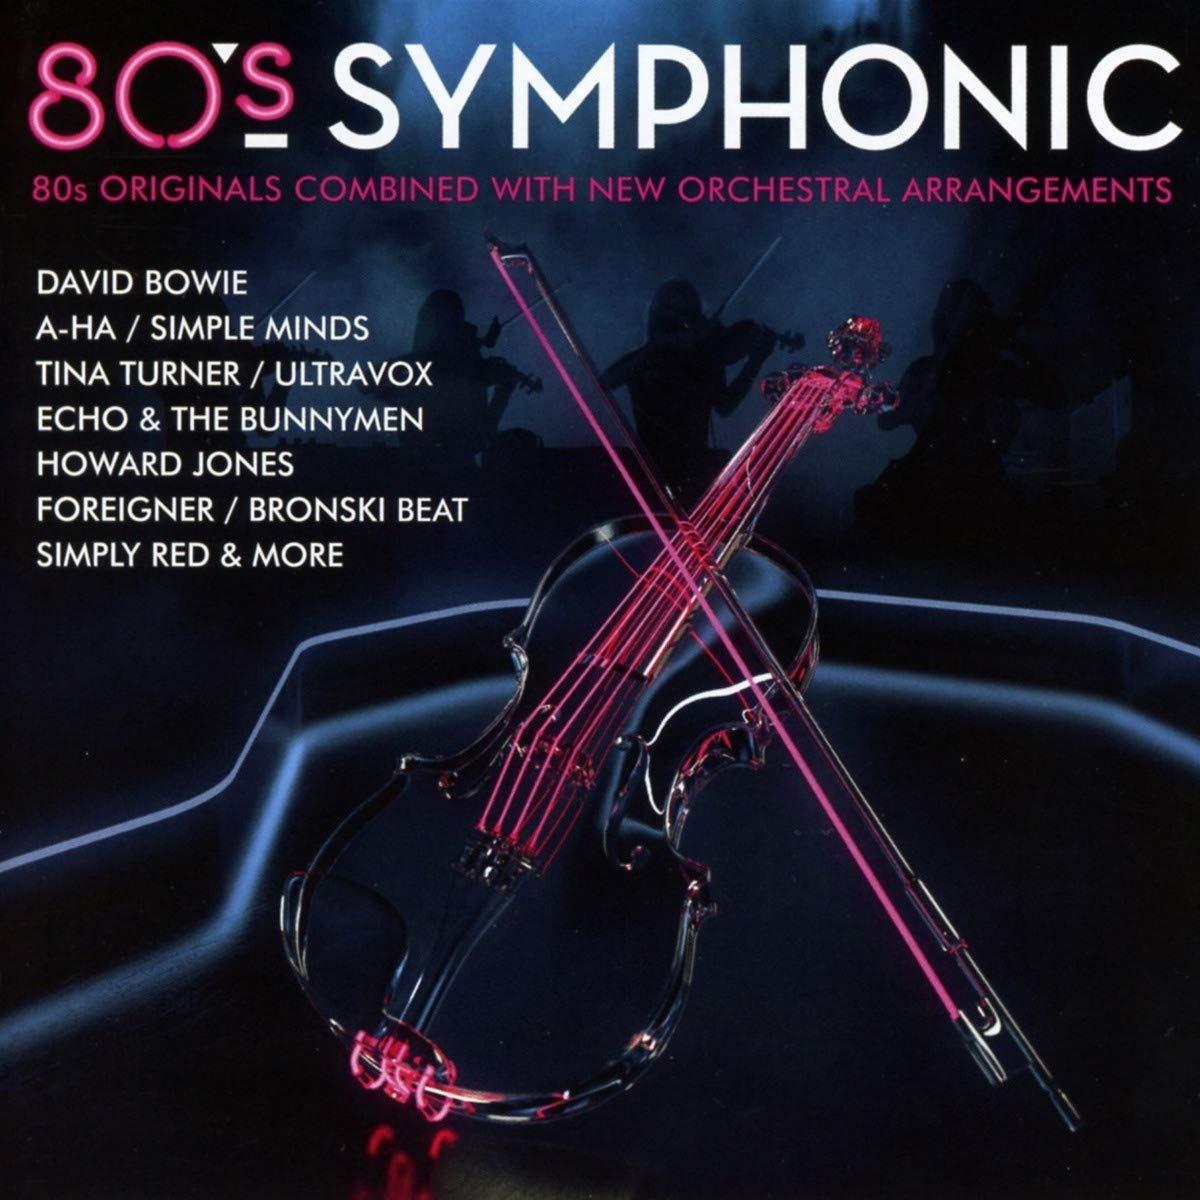 CD : 80S SYMPHONIC - 80's Symphonic (CD)